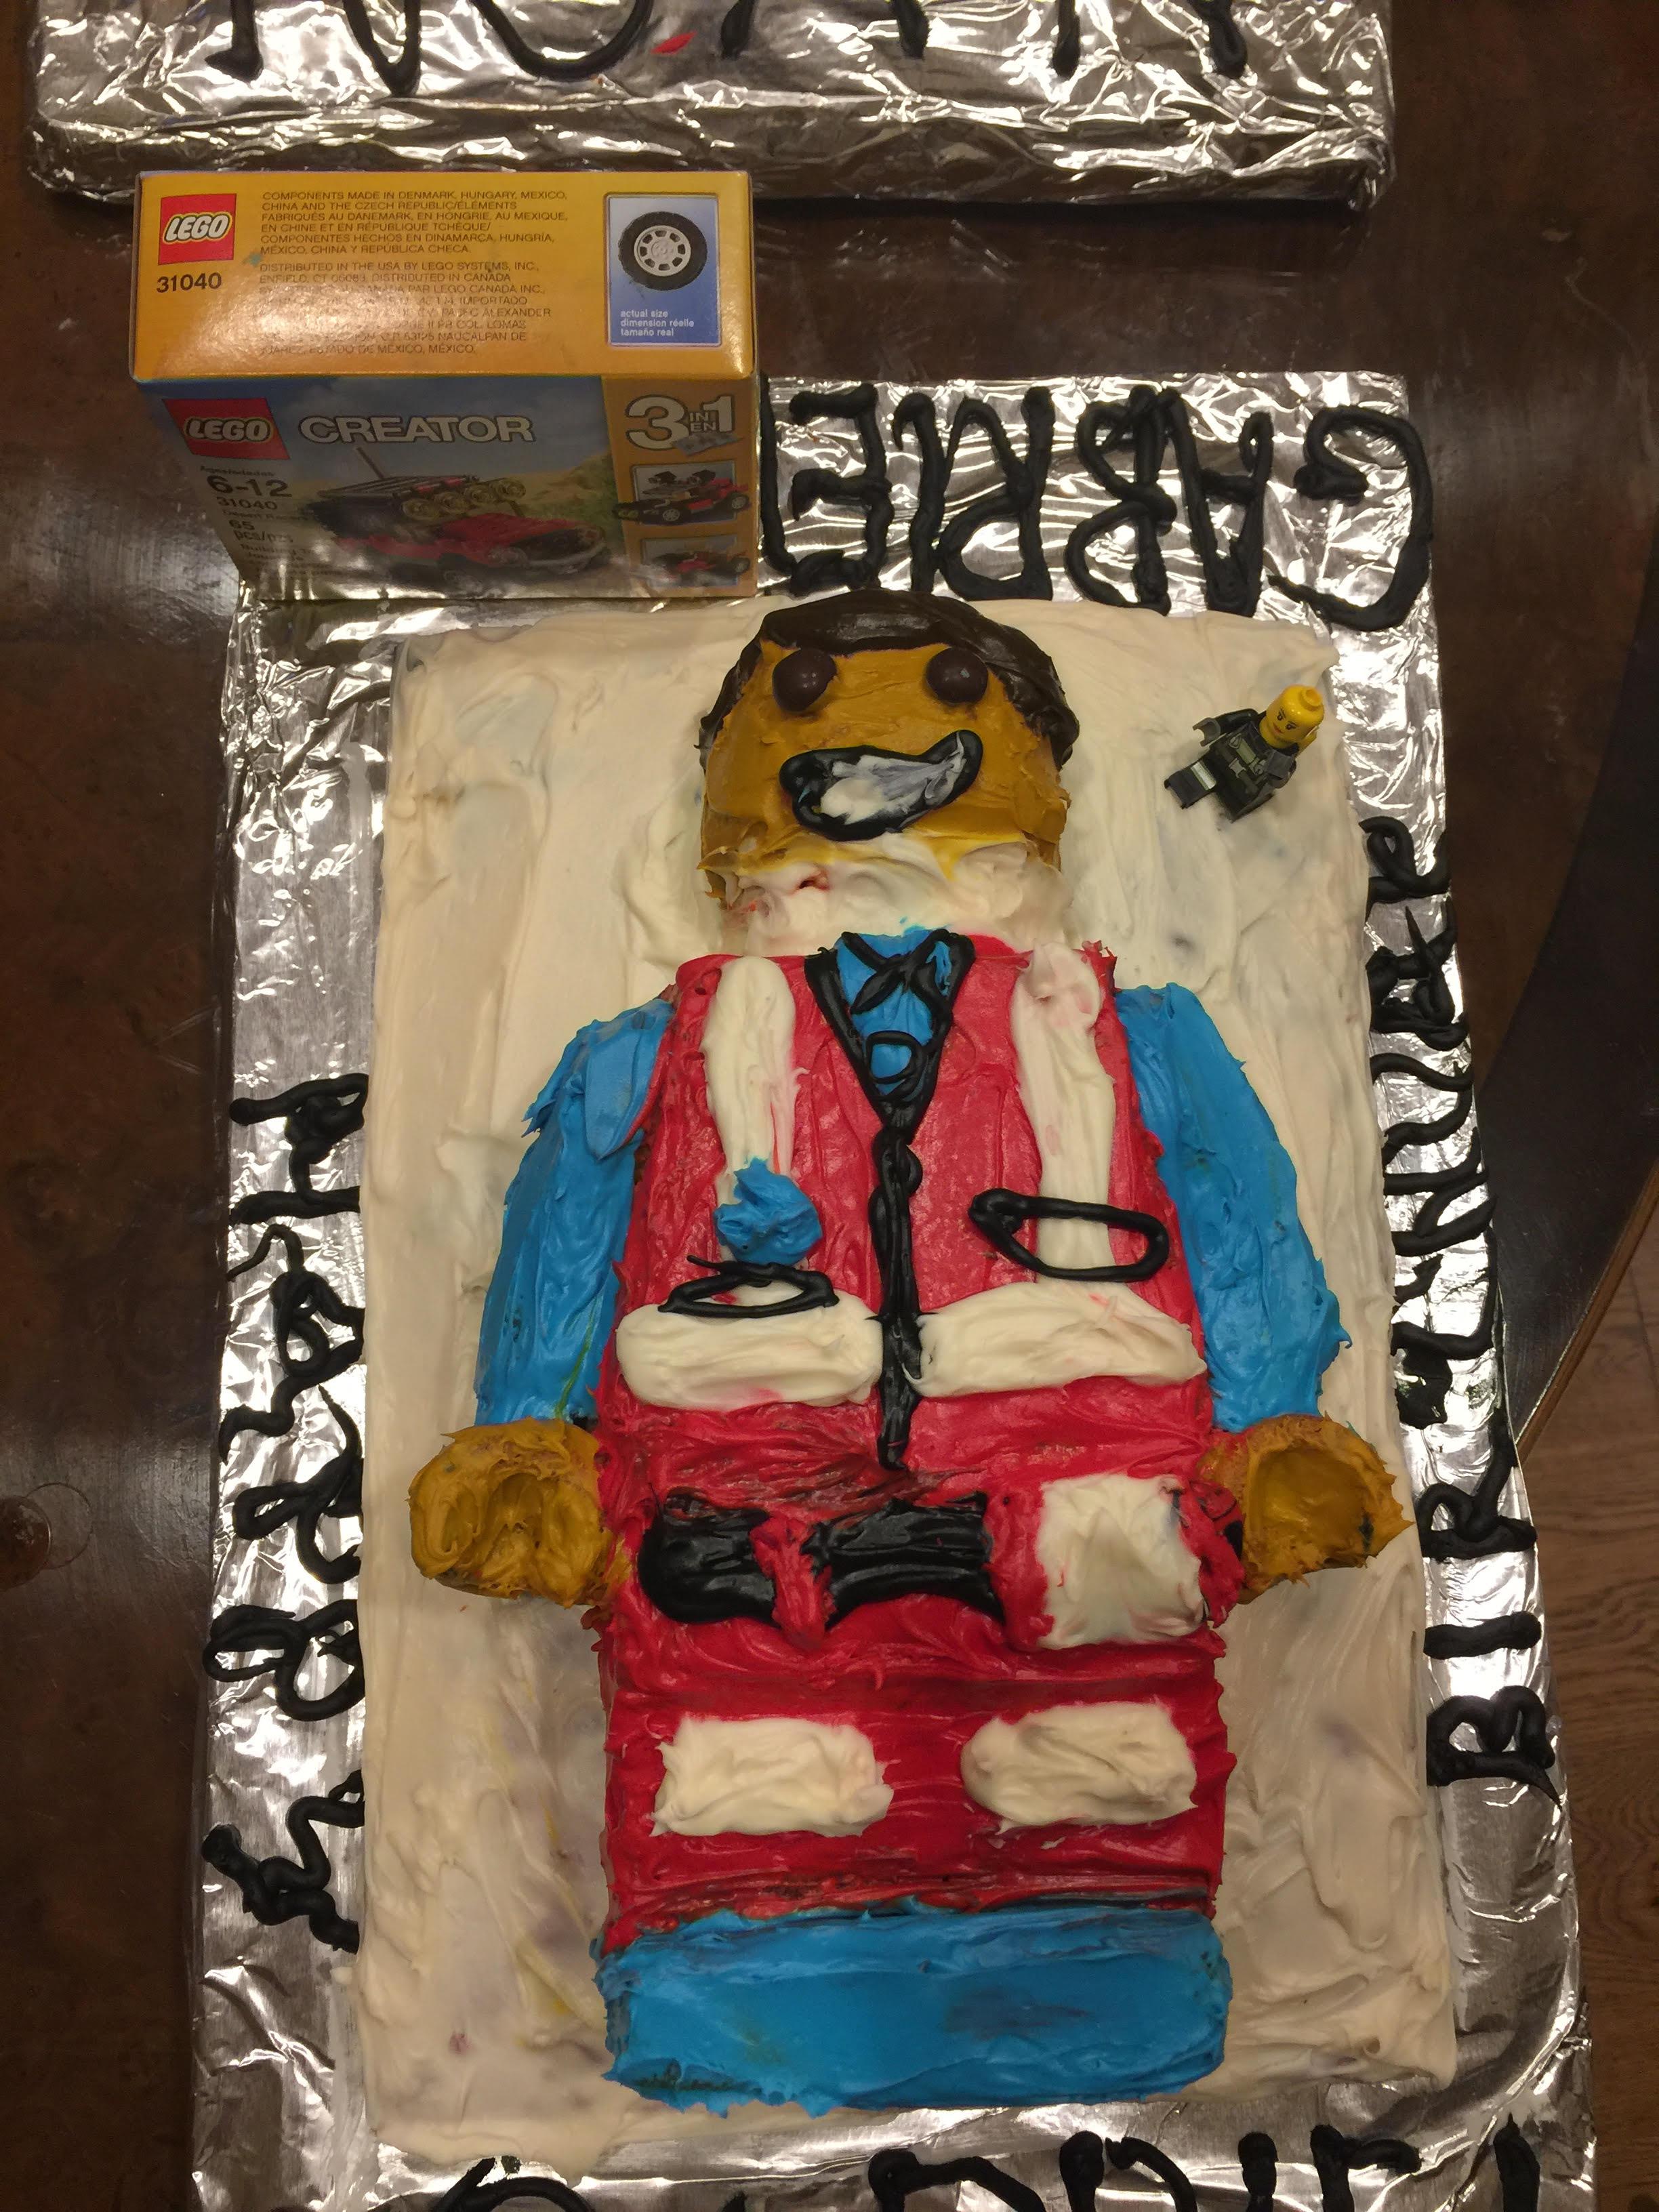 Birthday Cake Vampire Birthday Cake Lego Man Birthday cake Twins